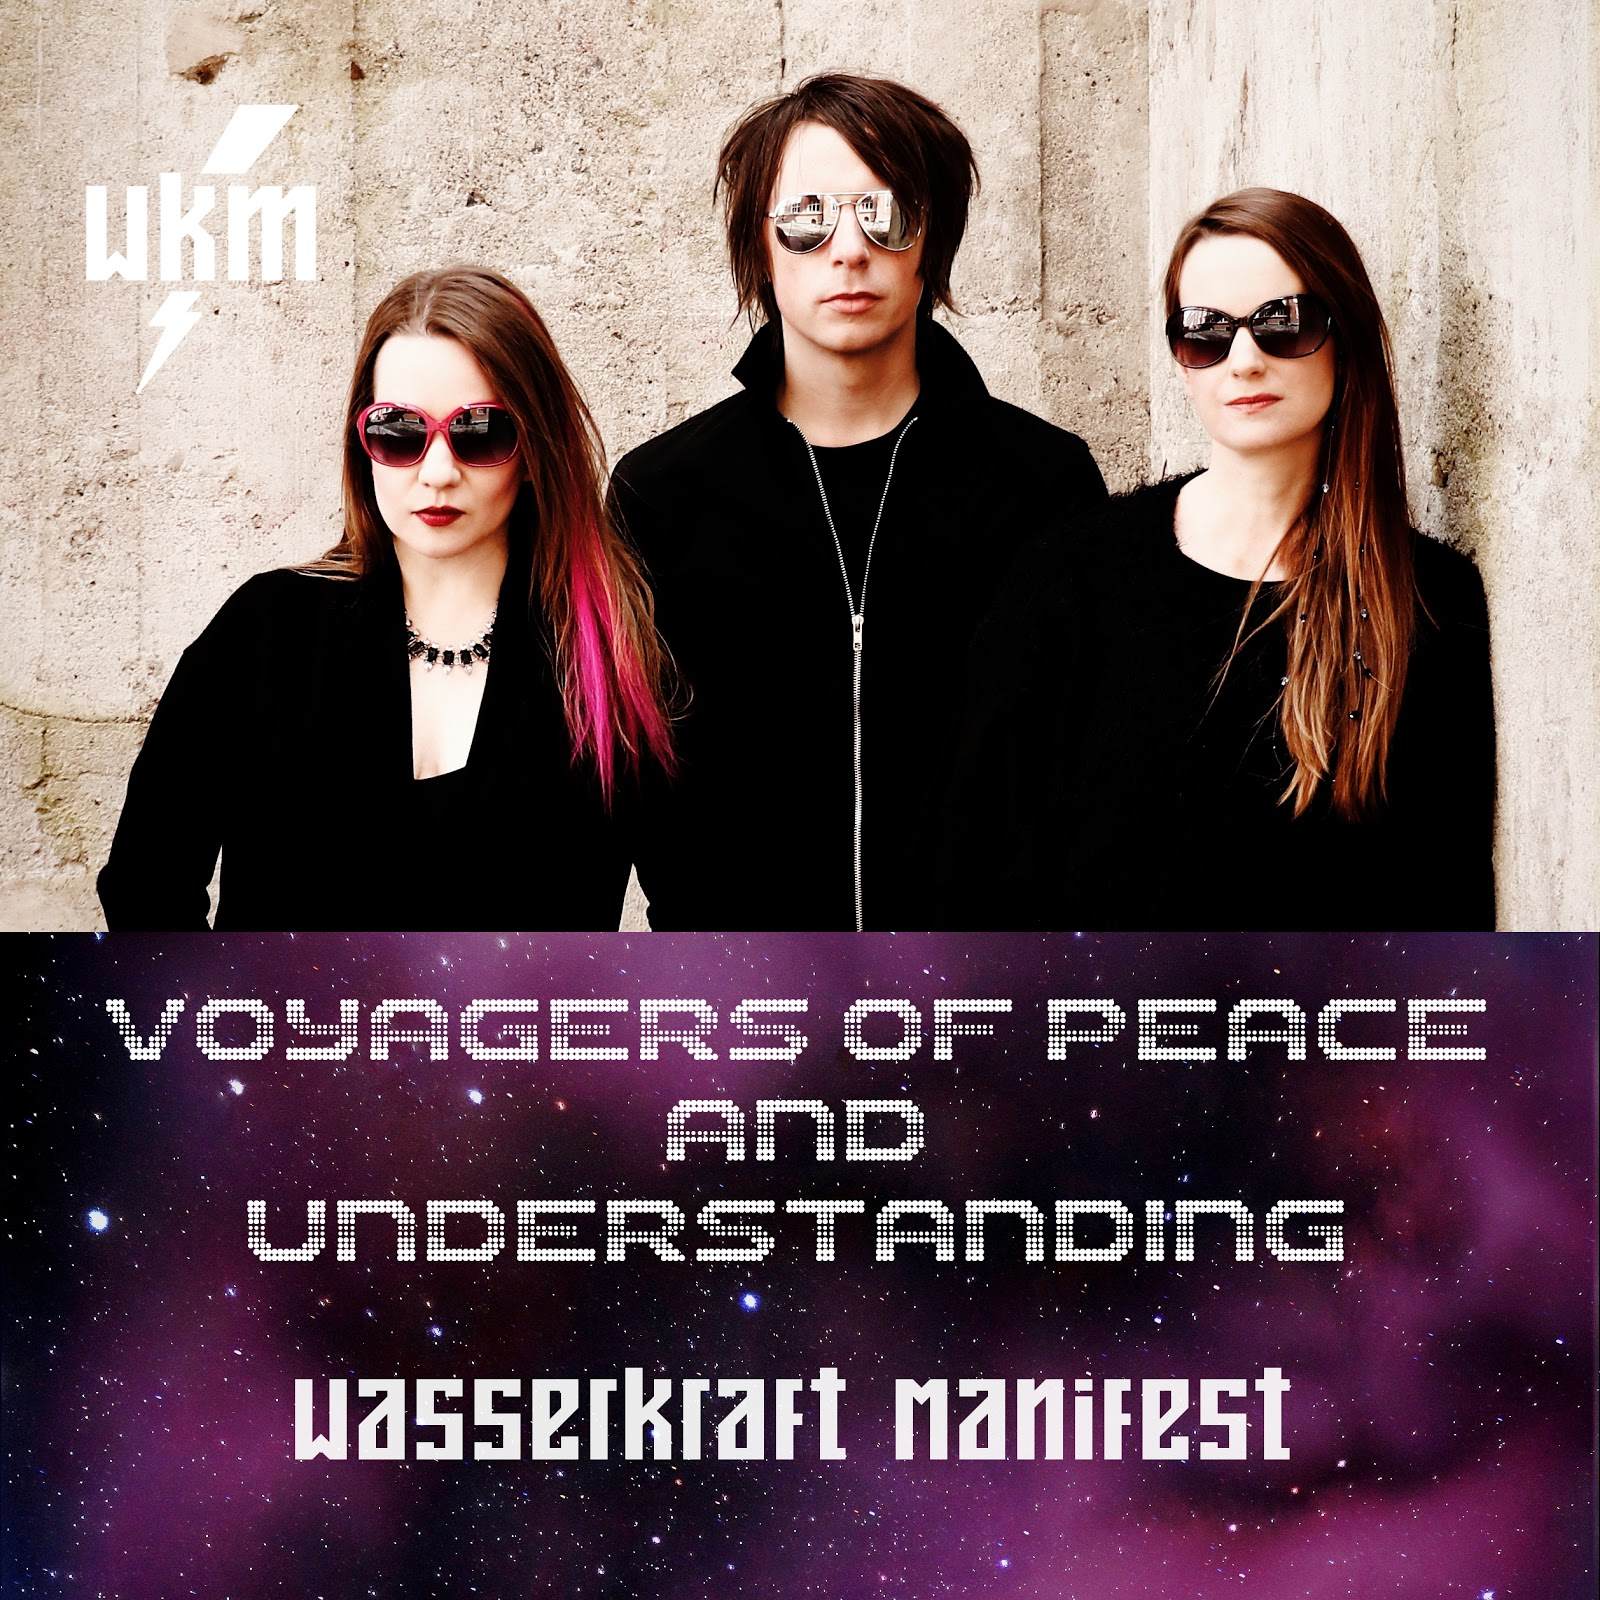 Swedish synthpop band Wasserkraft Manifest, Synthiepop, electropop, Elektronische Musik, ohne Gitarren, Newcomer, Sommerhit, Radiohit, Sängerin